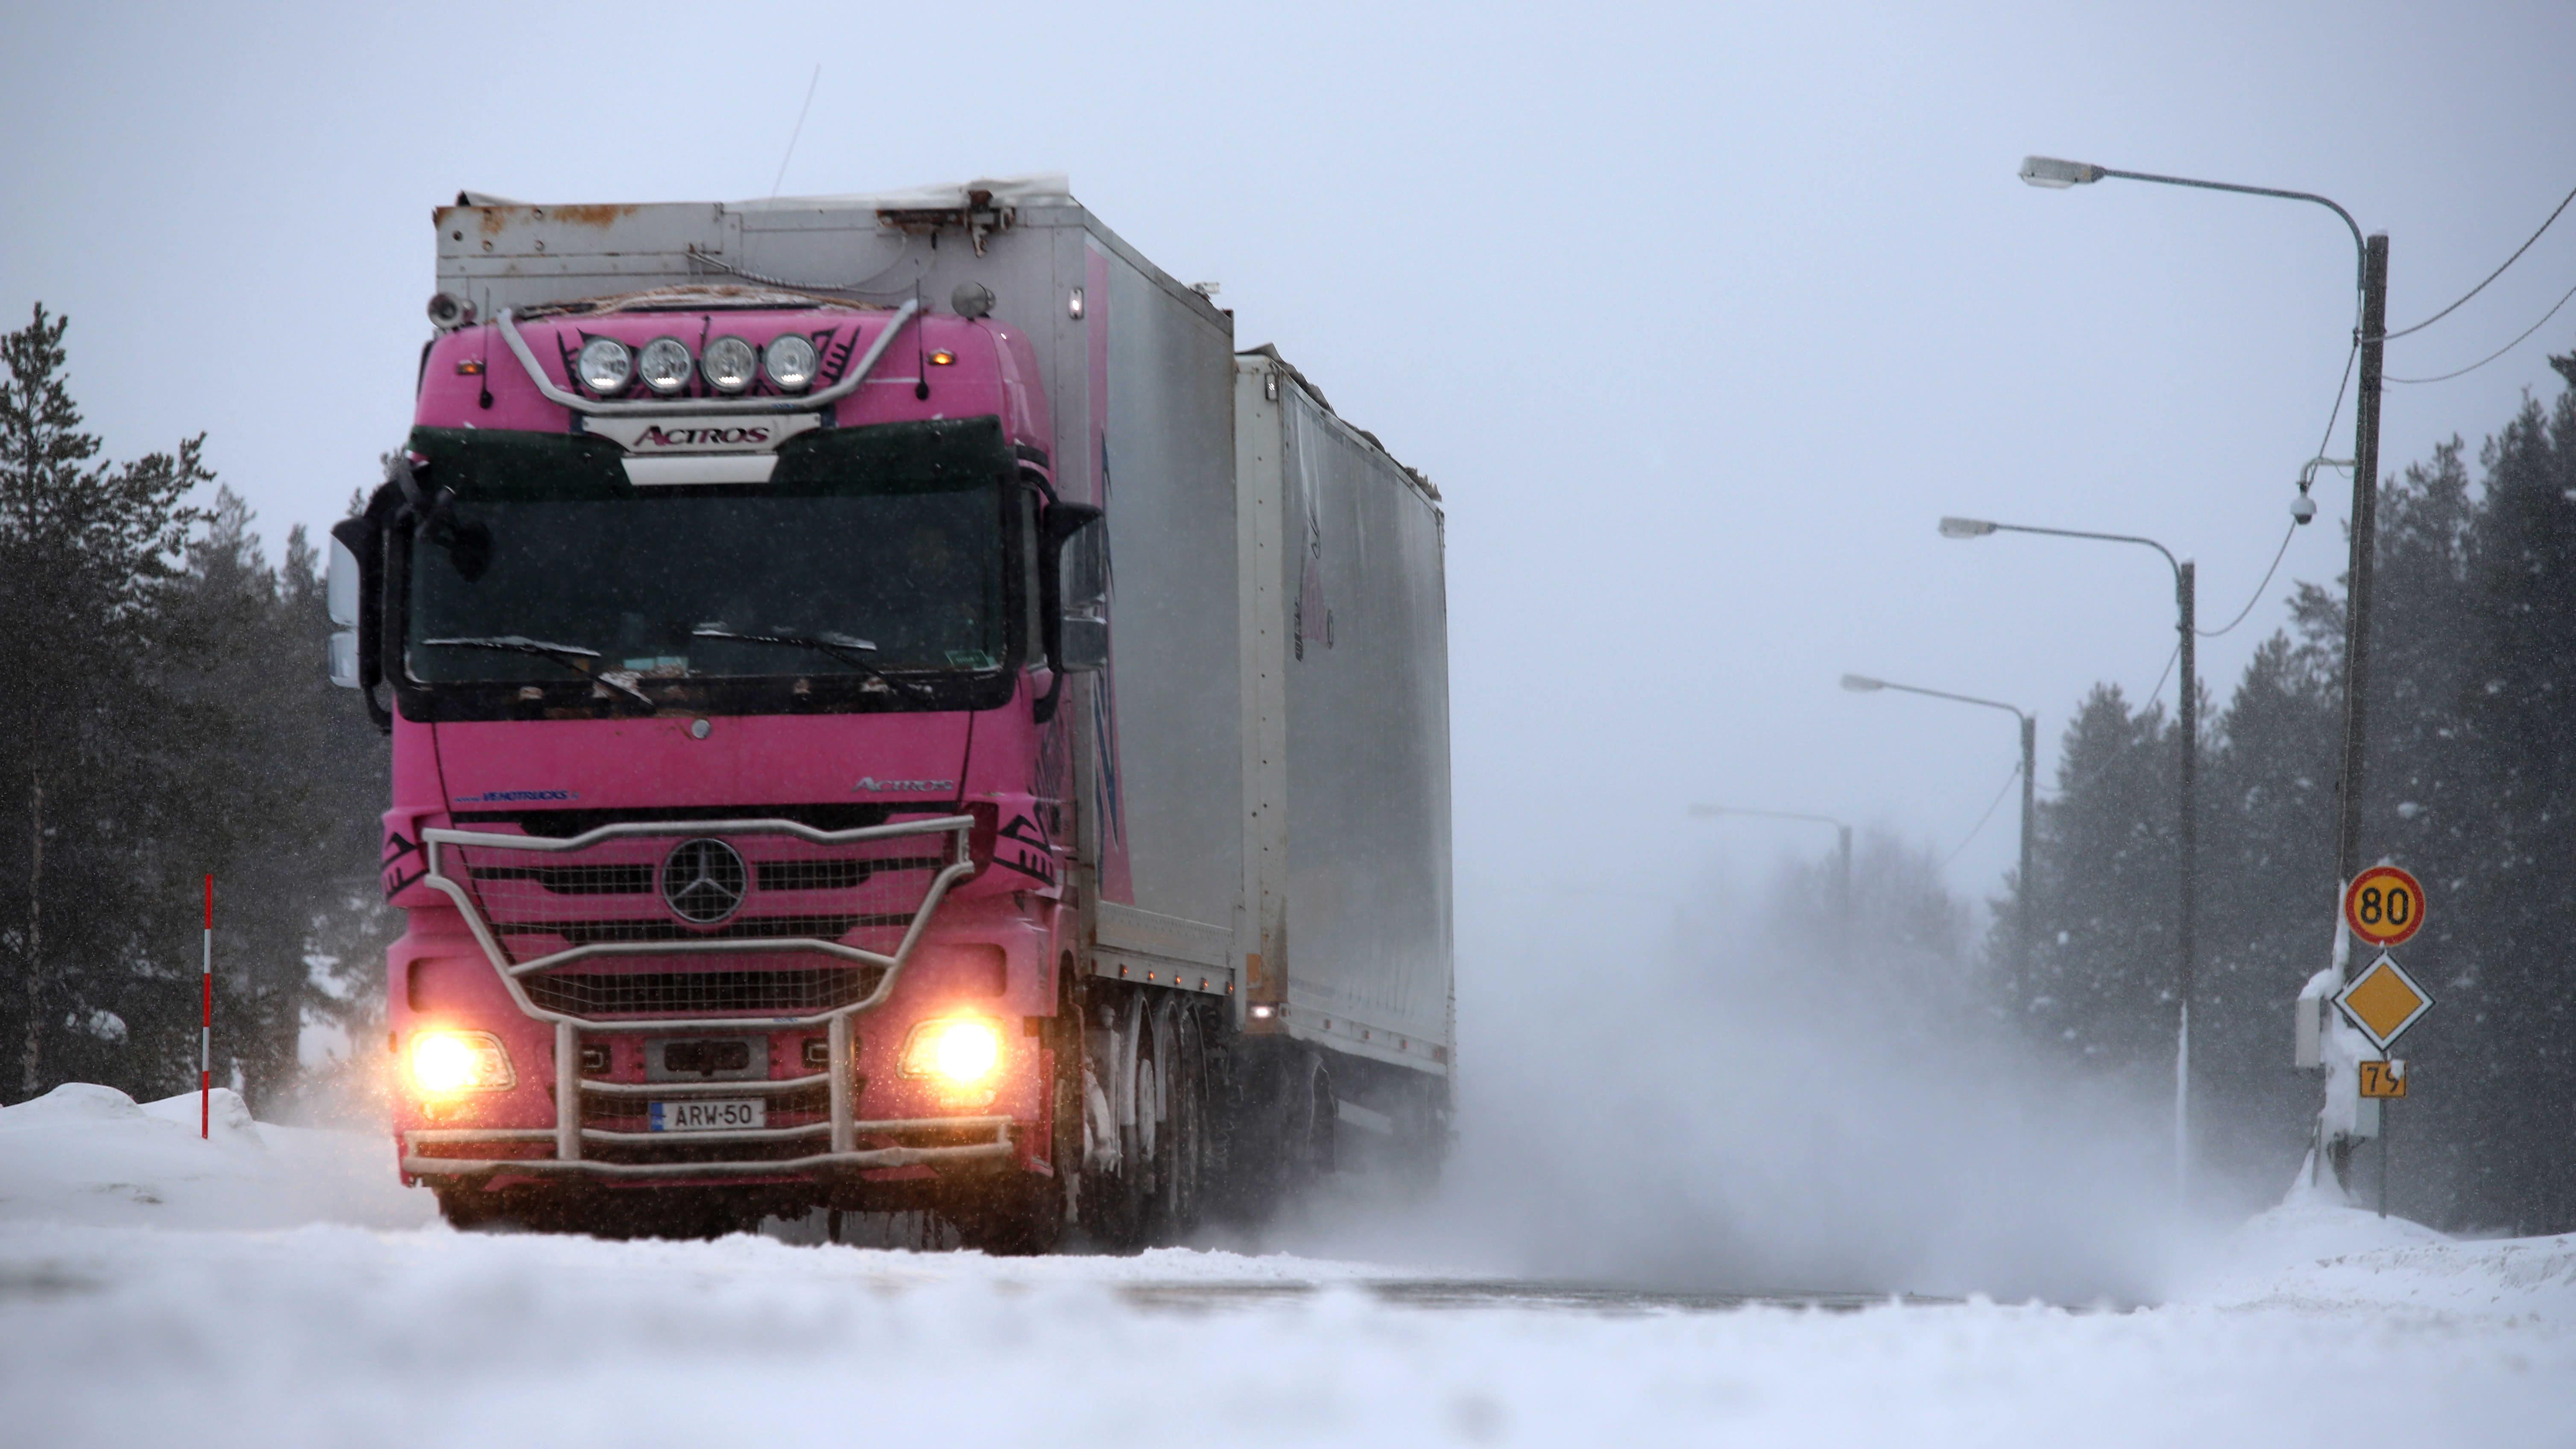 Pinkki rekka ajaa kantatiellä 79 Kittilässä.